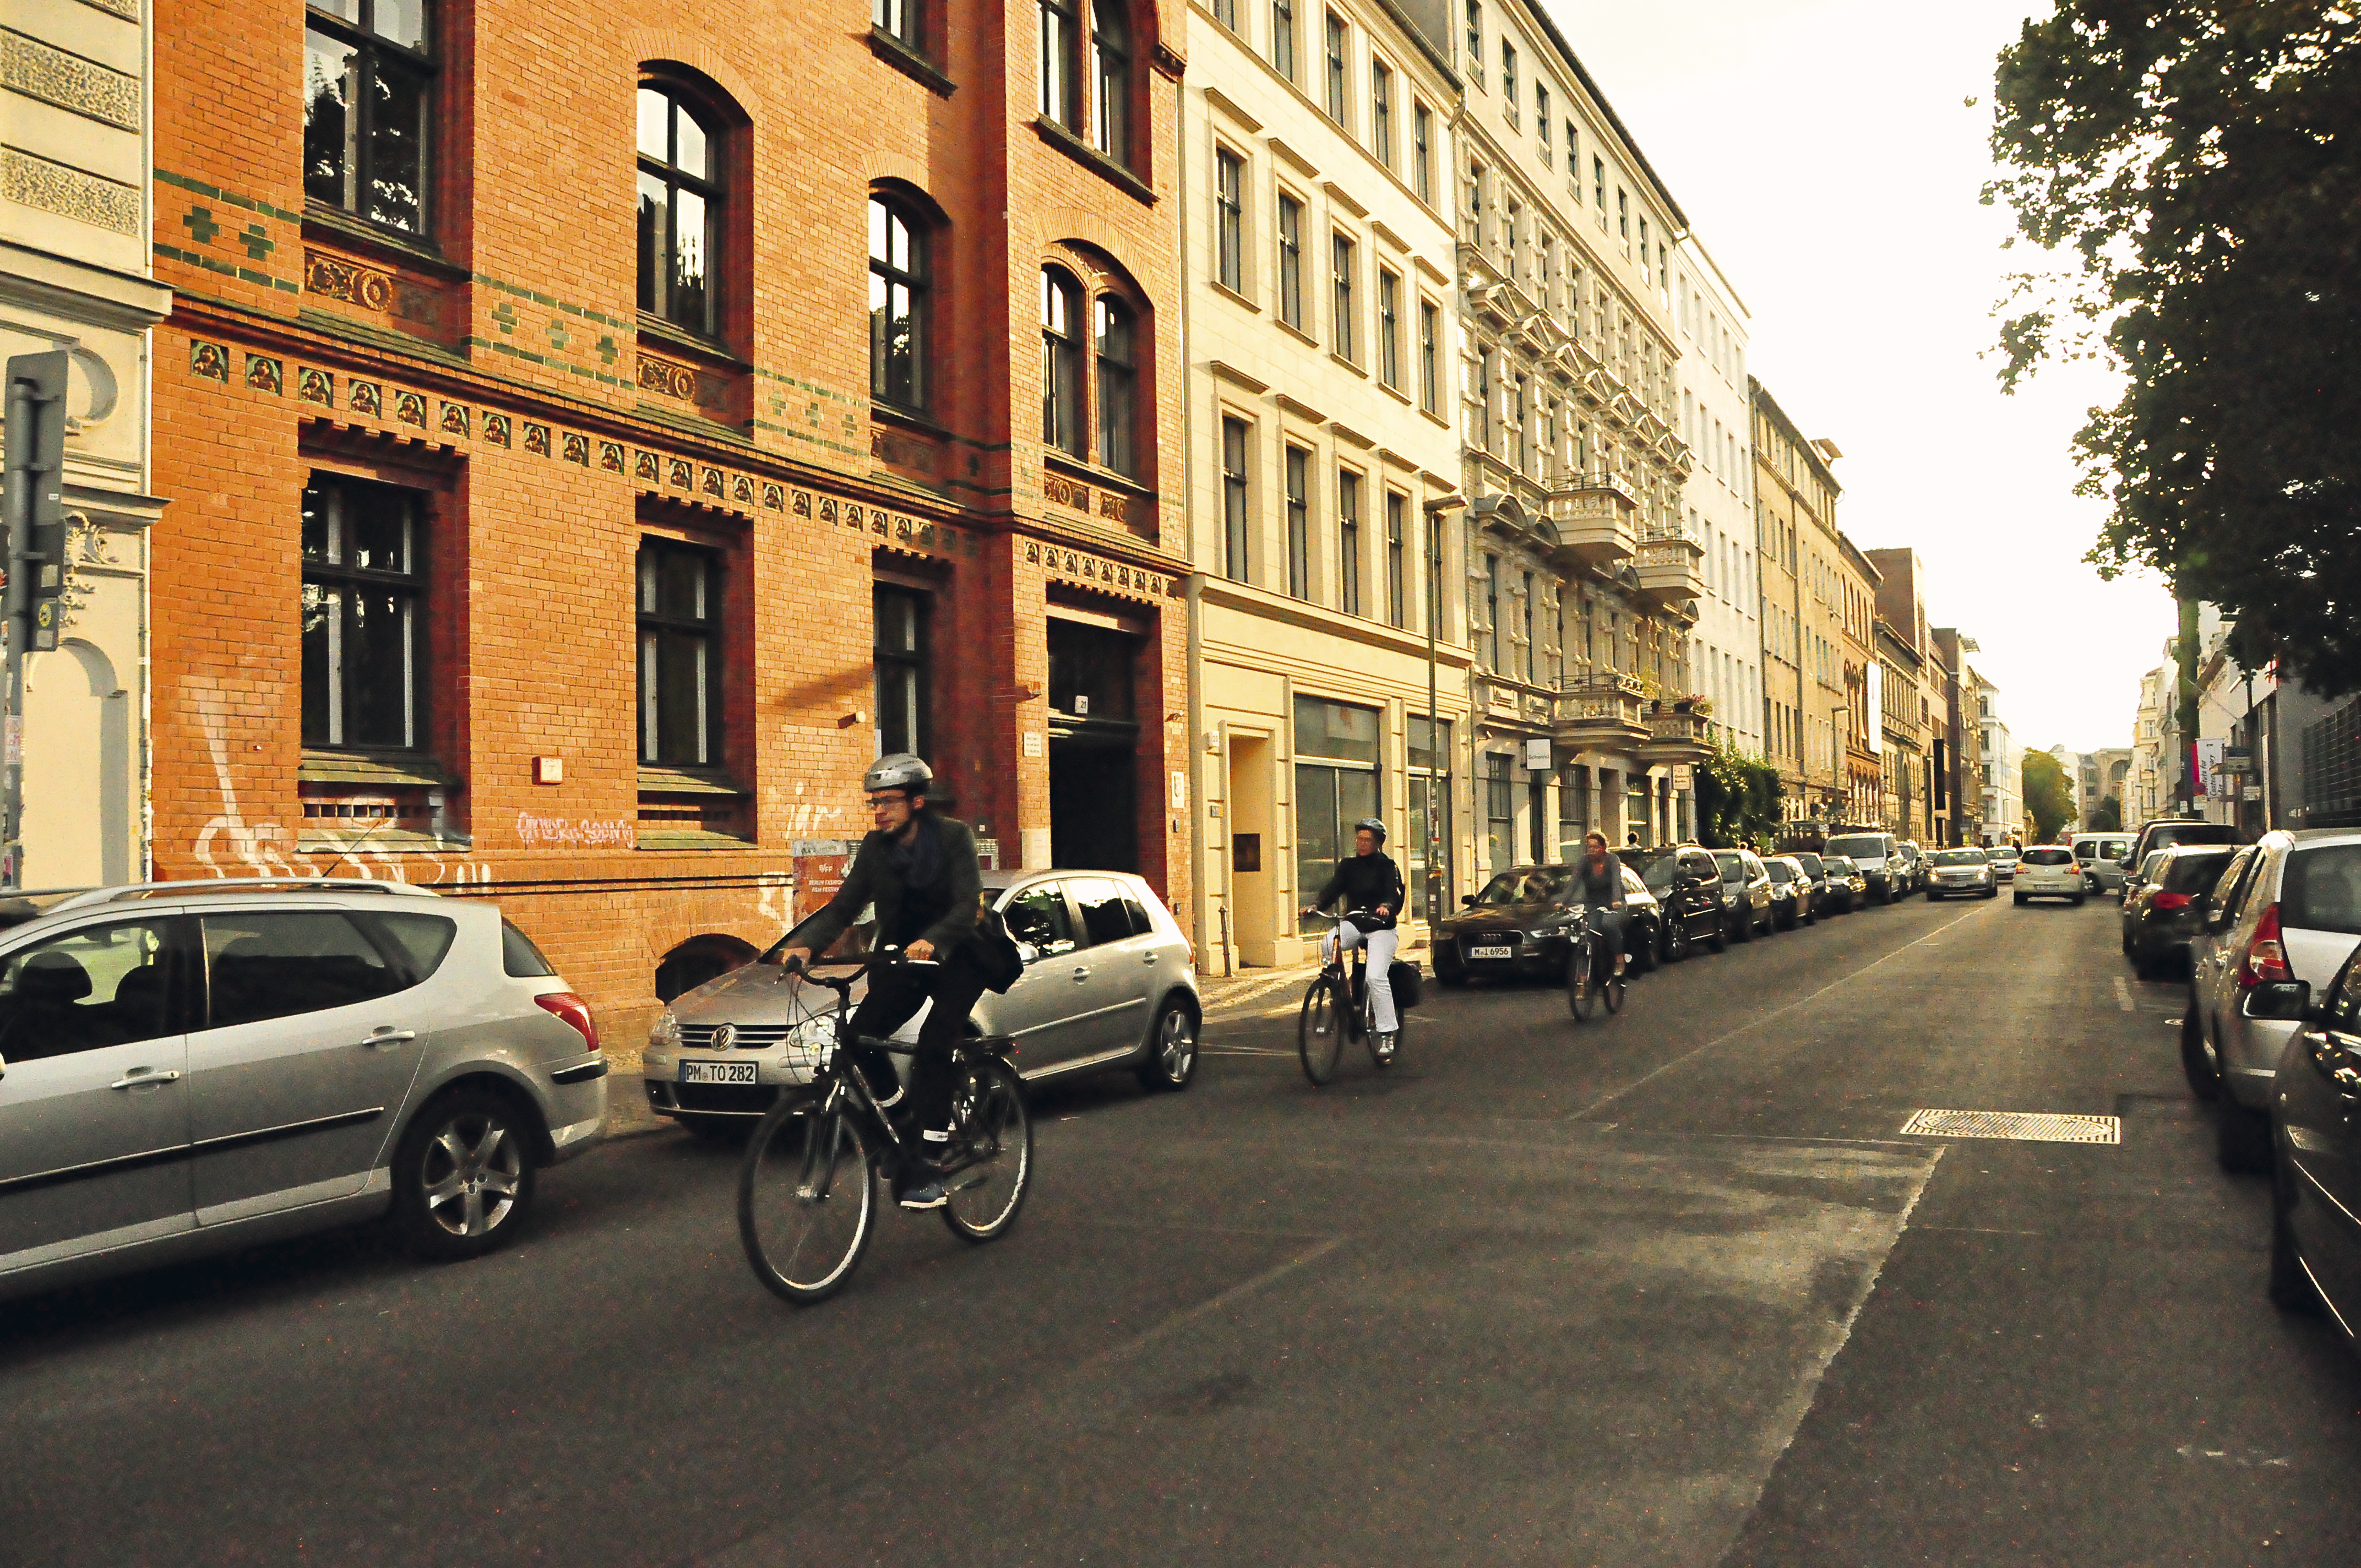 Scheunenviertel, Berlim, Alemanha